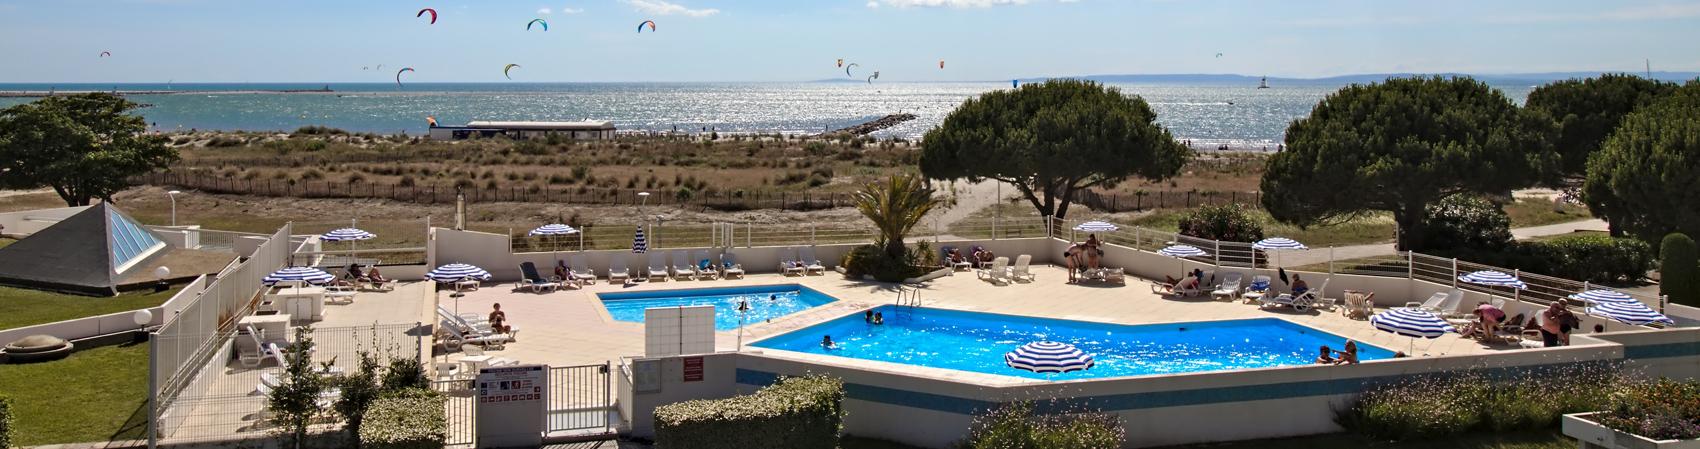 Vue sur la piscine et la plage sud port camargue.